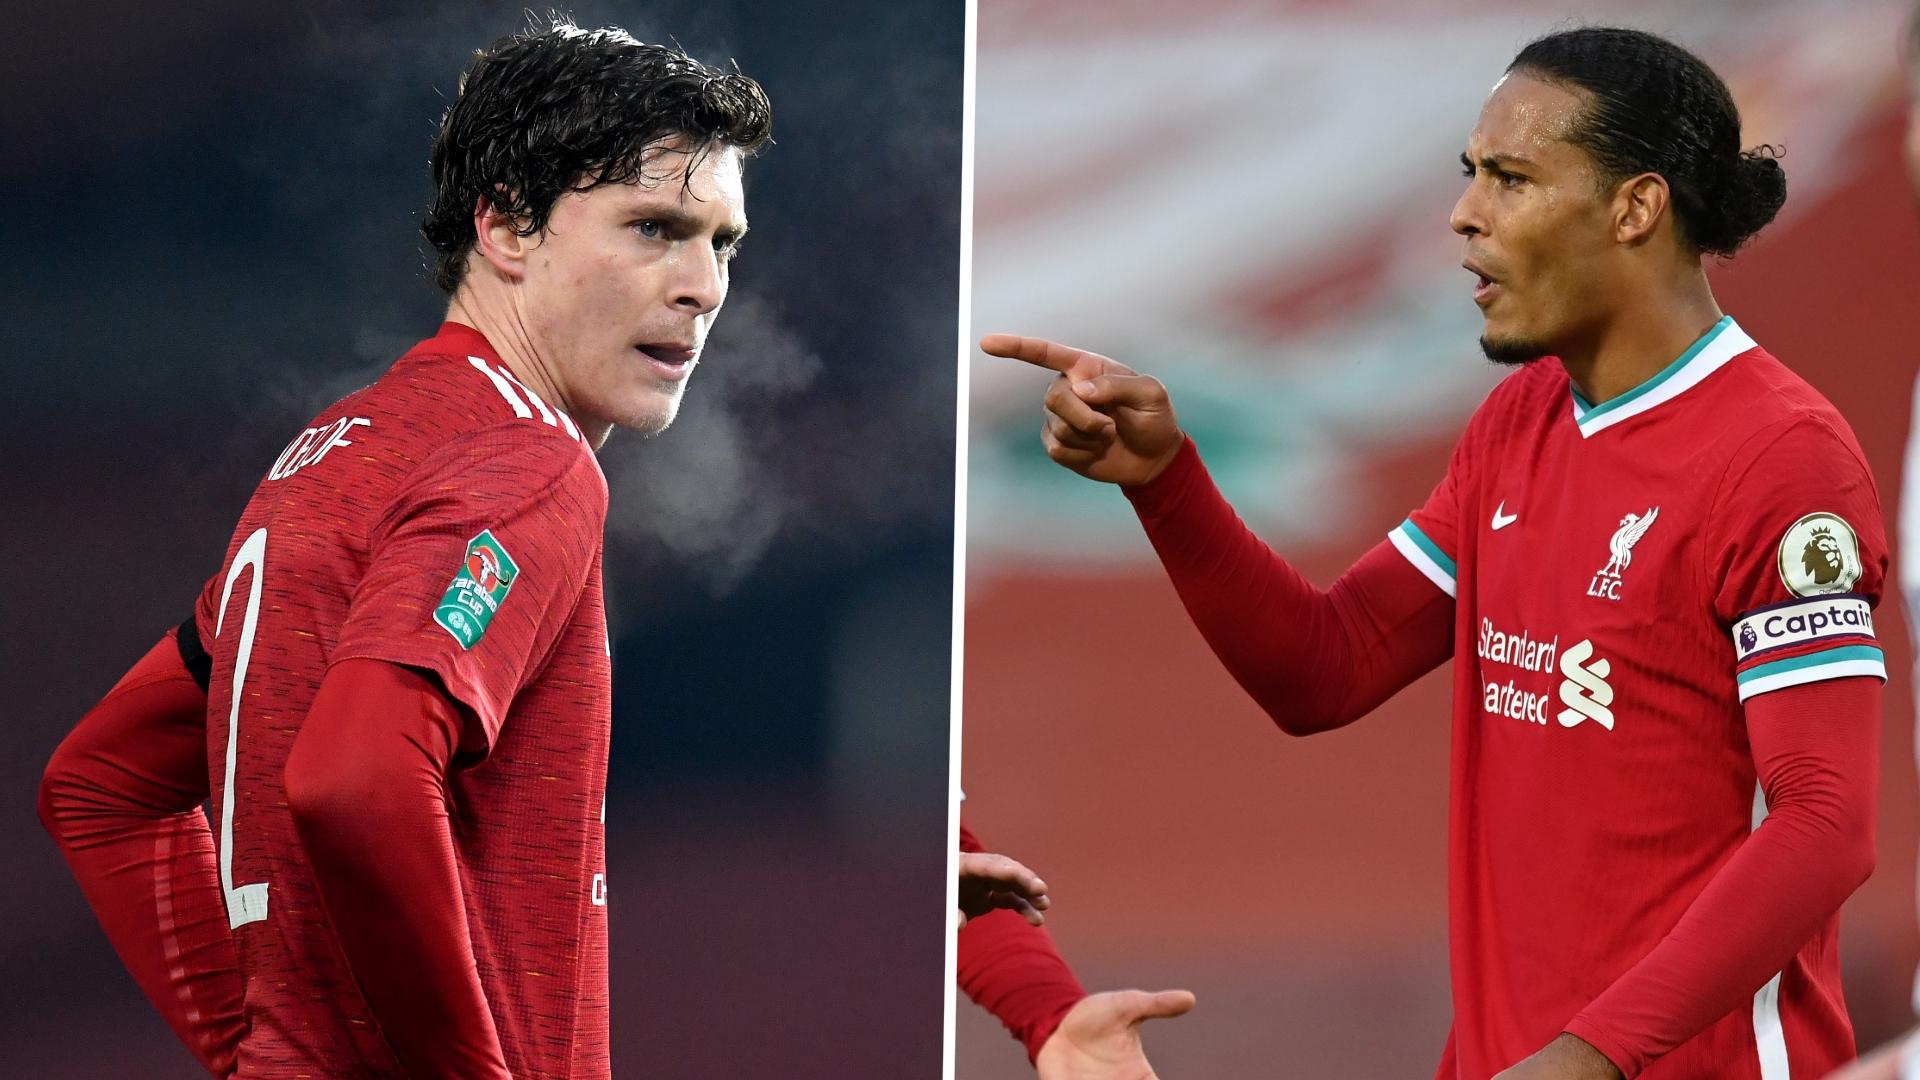 'Man Utd picked Lindelof over Van Dijk in gobsmacking call' - Austin says Dutchman always wanted Liverpool